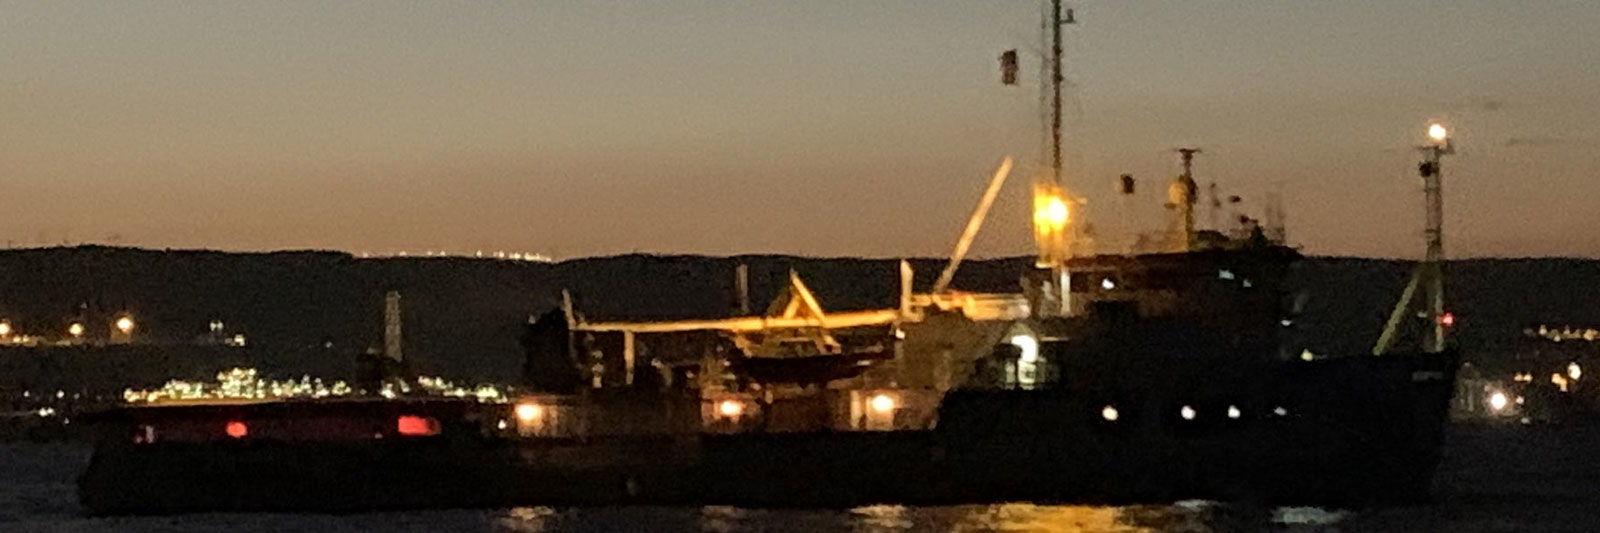 Tutte le tappe della vicenda Sea Watch foto 4